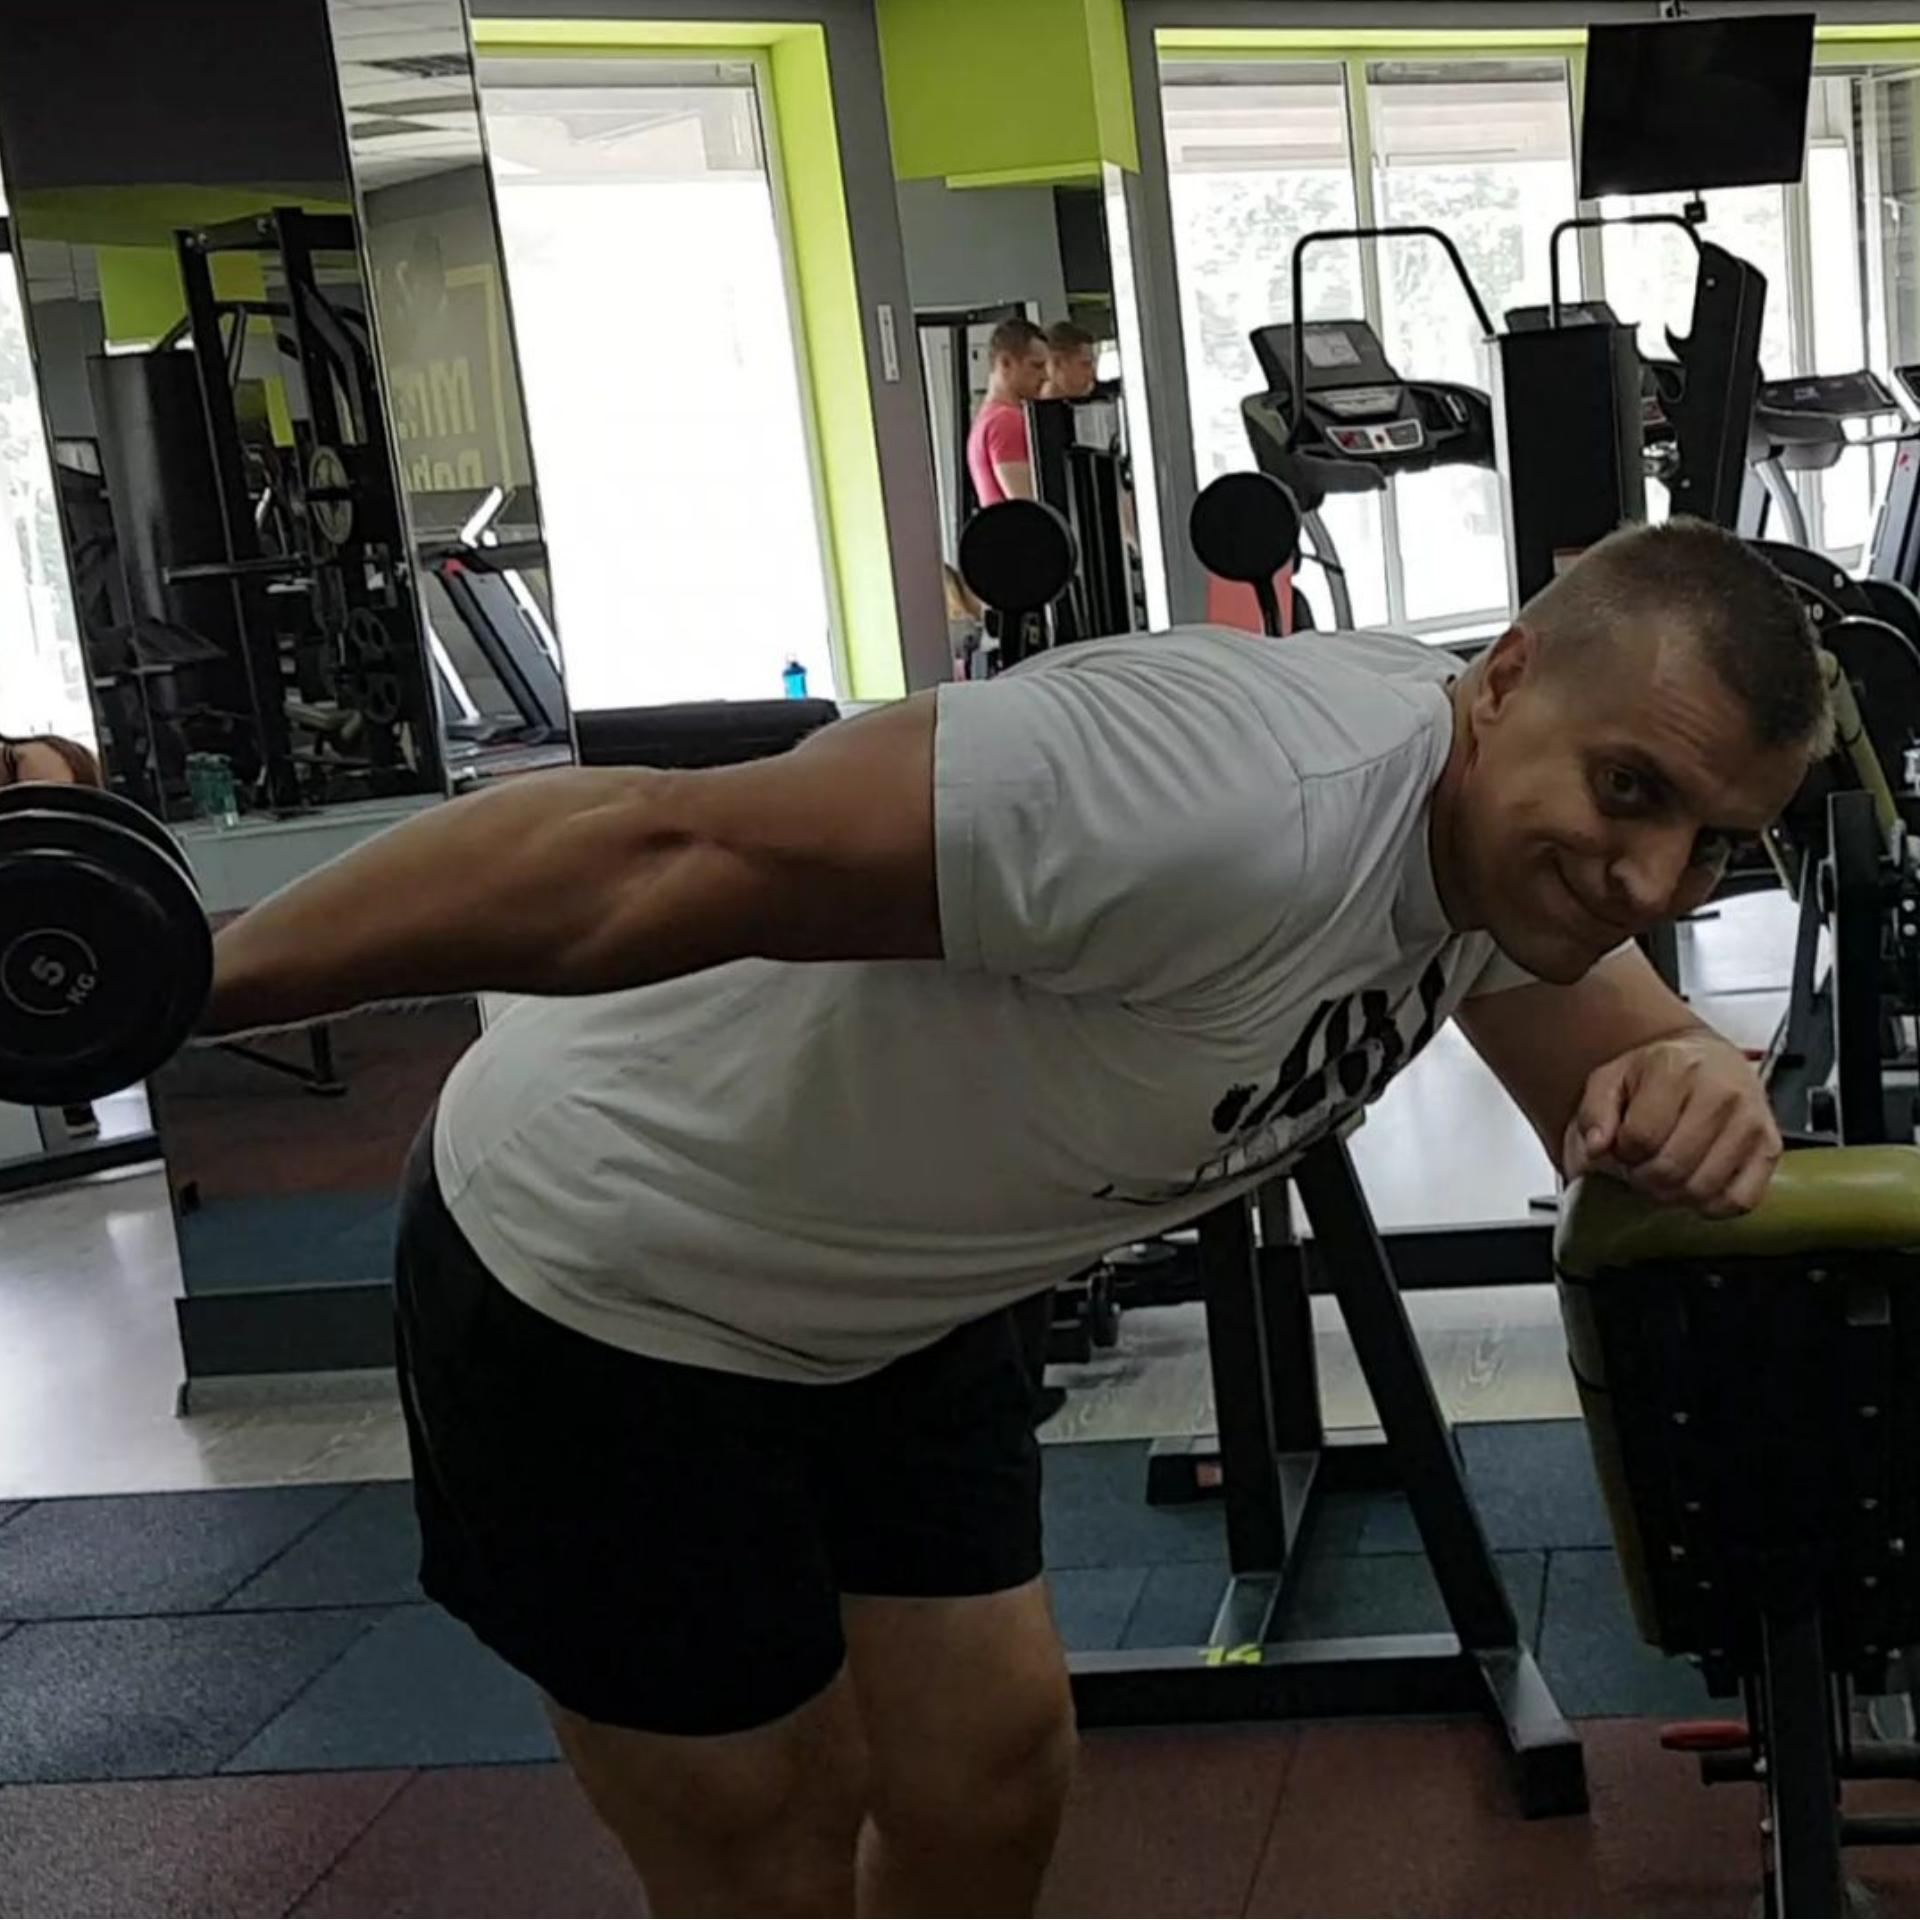 Классификация упражнений полноамплитудного тренинга по мышечным группам. В данной статье подробно рассмотрим упражнения для тренировки в полной амплитуде для каждой мышечной группы.